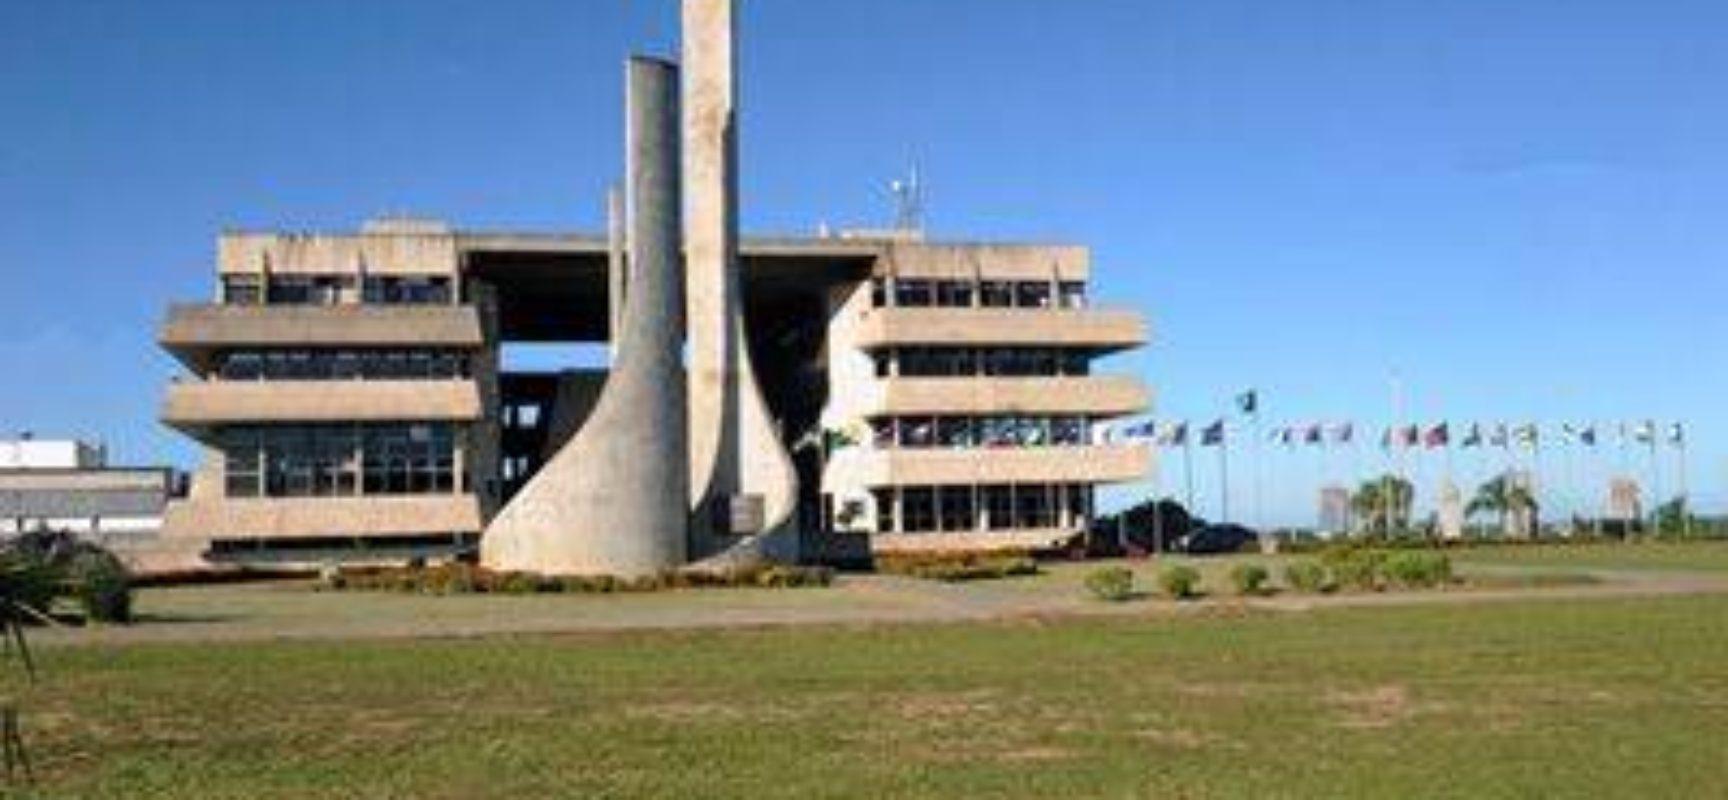 Nova presidência da Câmara restringe ainda mais o acesso presencial à ALBA